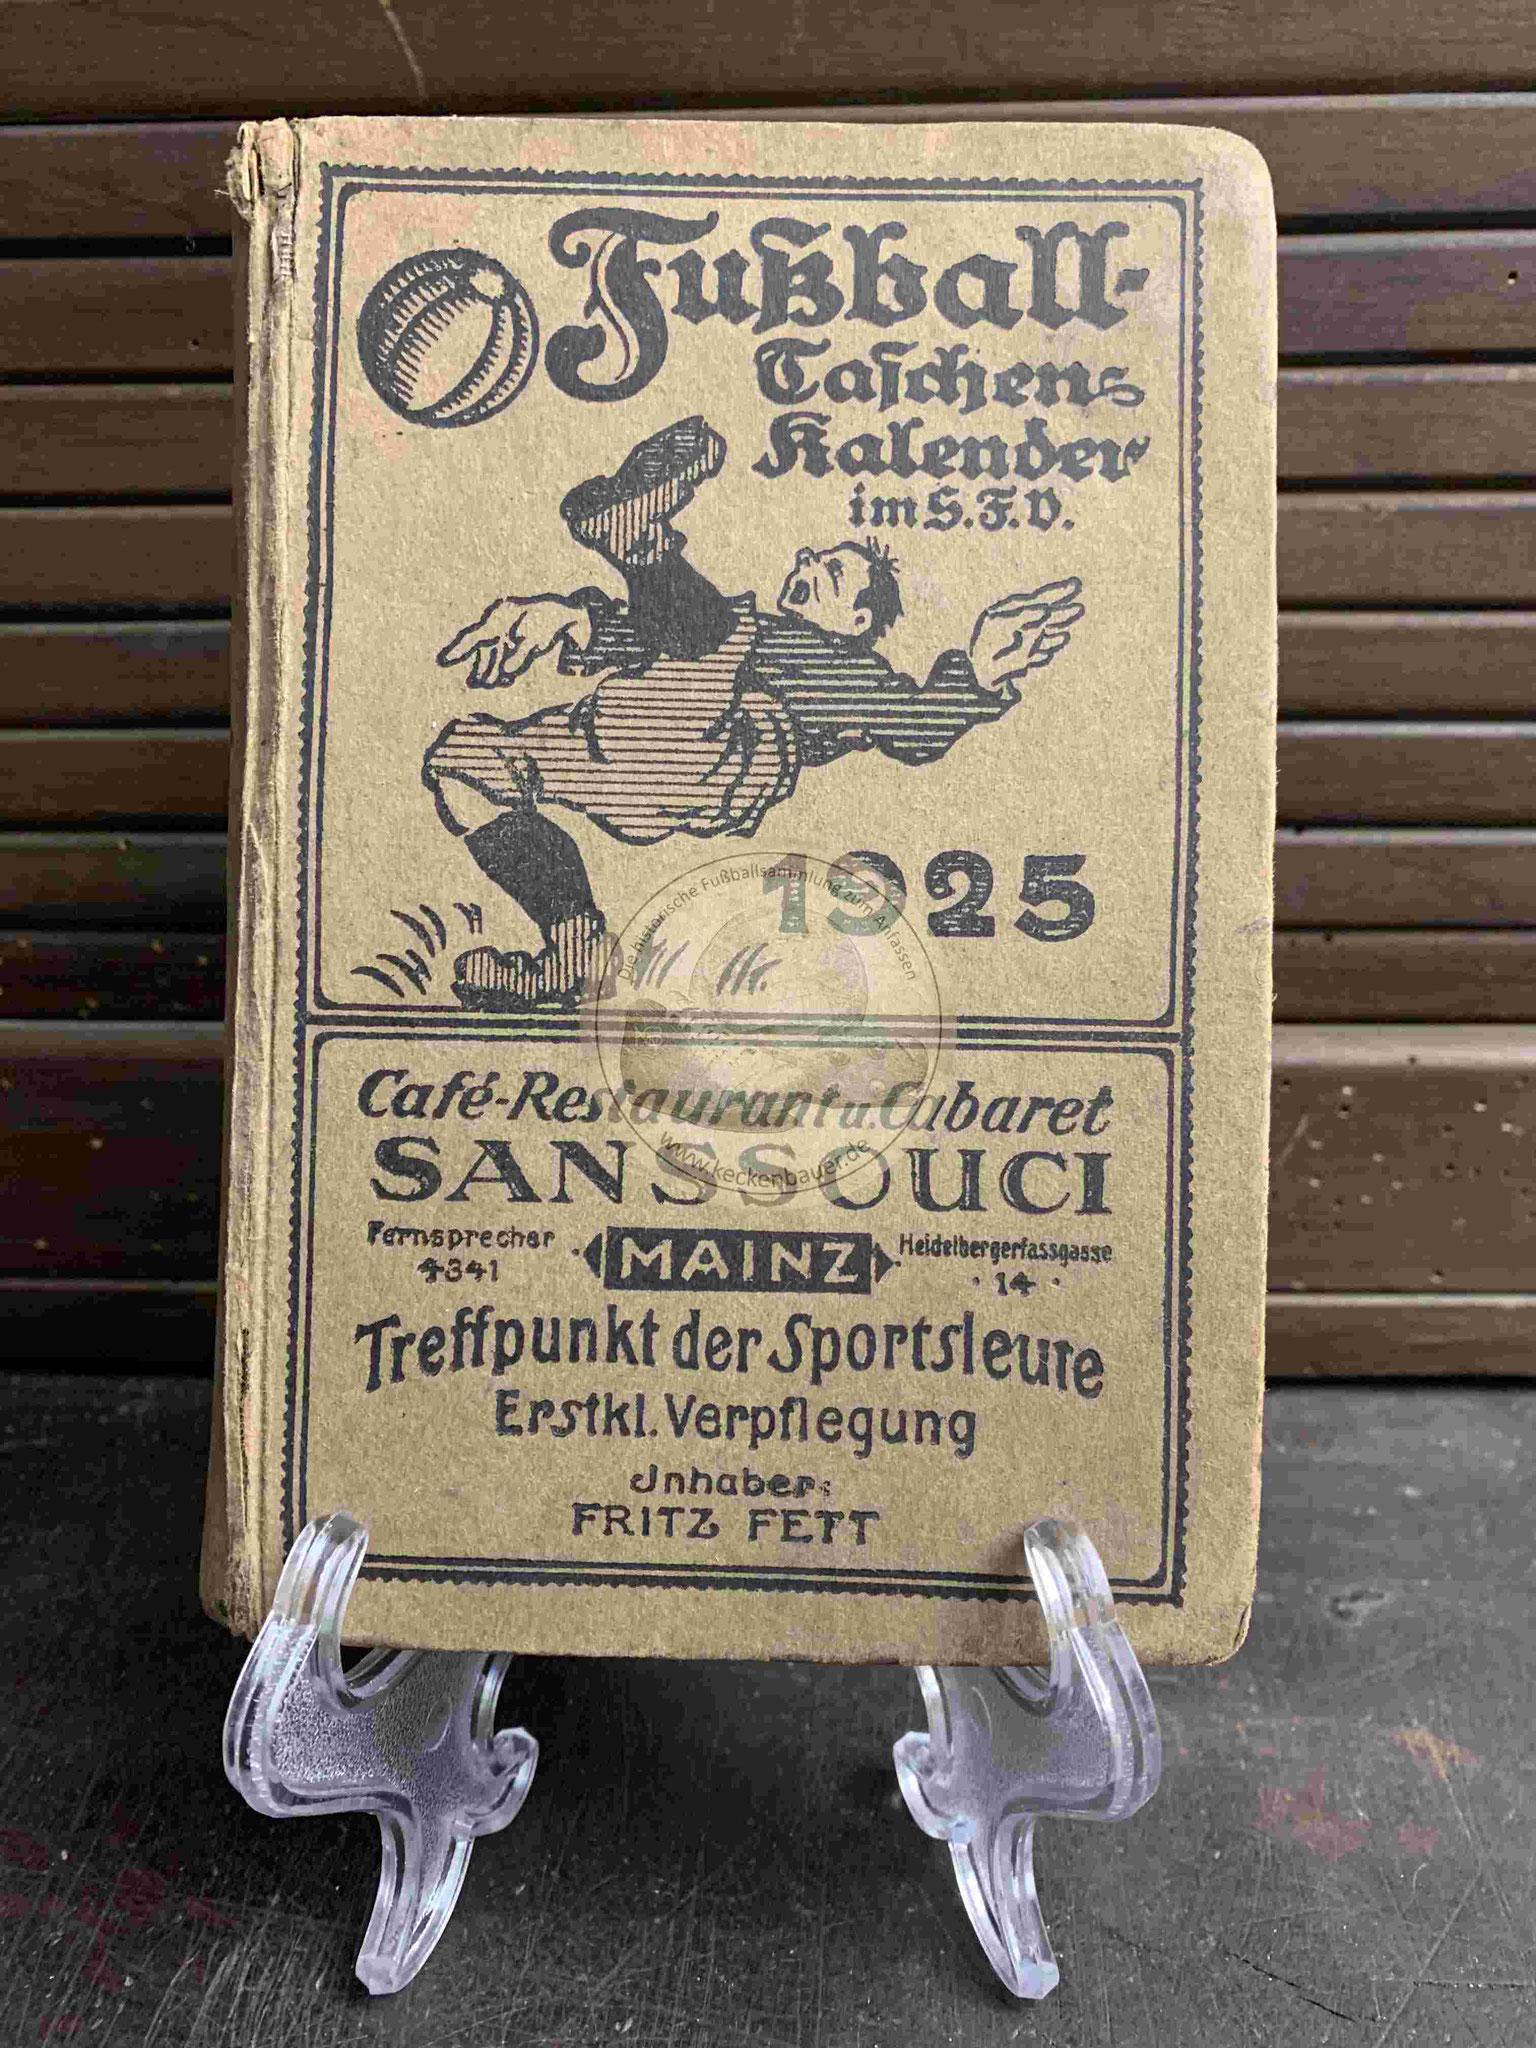 Fußball Taschenkalender im S.F.V. (Süddeutscher Fußball Verband) aus dem Jahr 1925